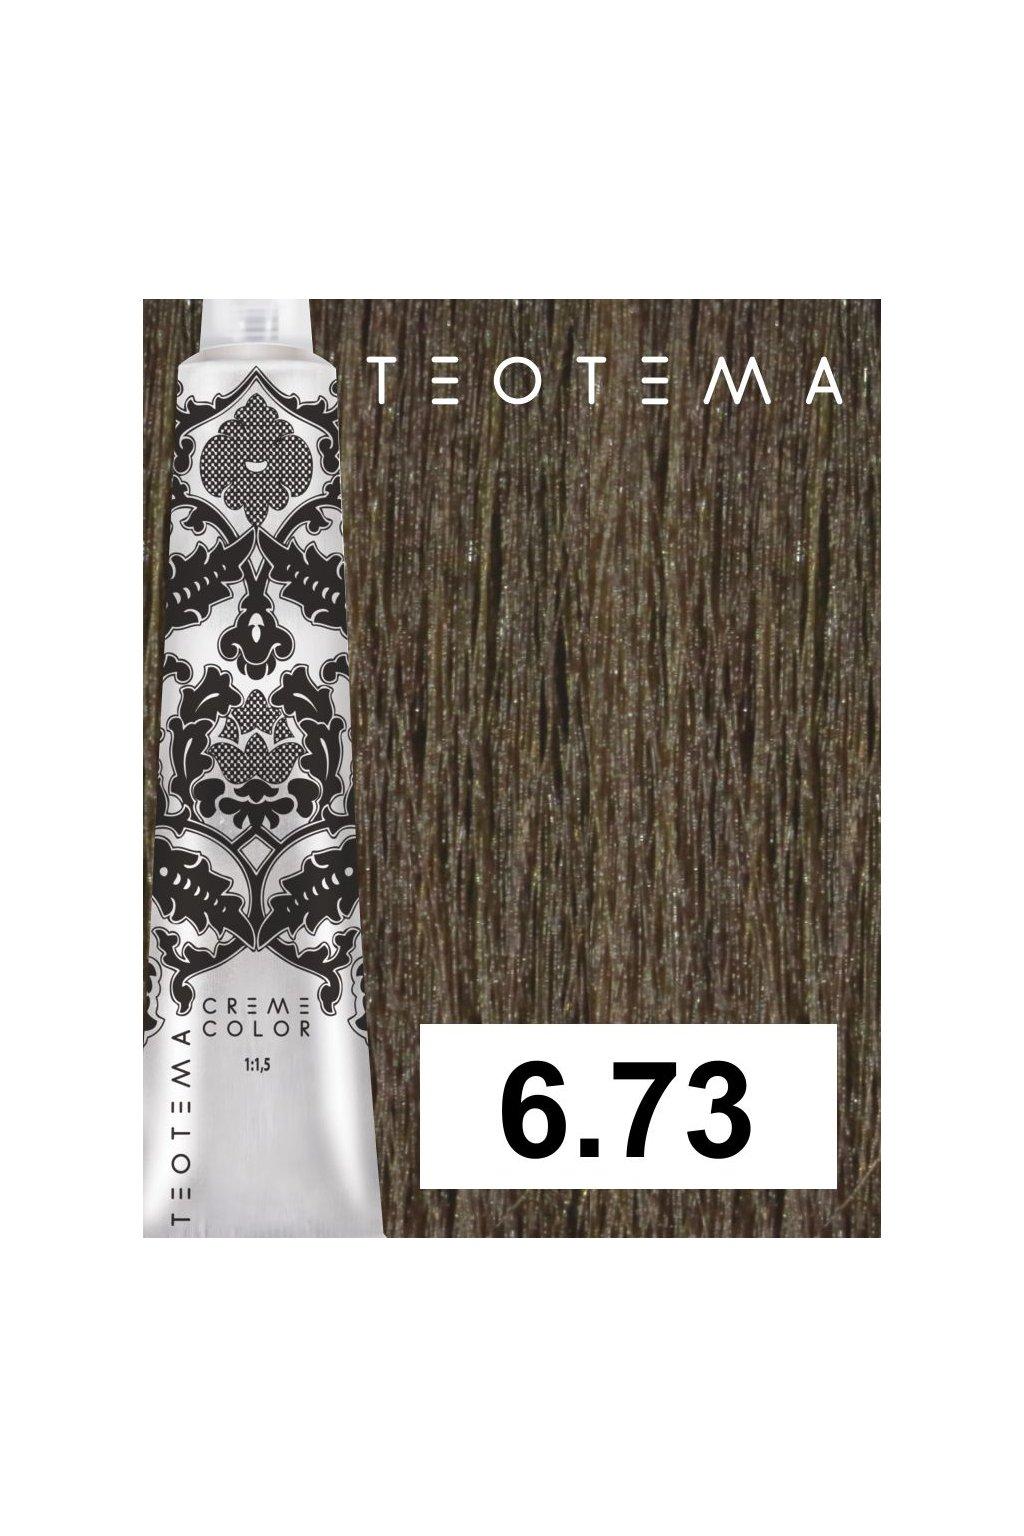 6 73 teotema